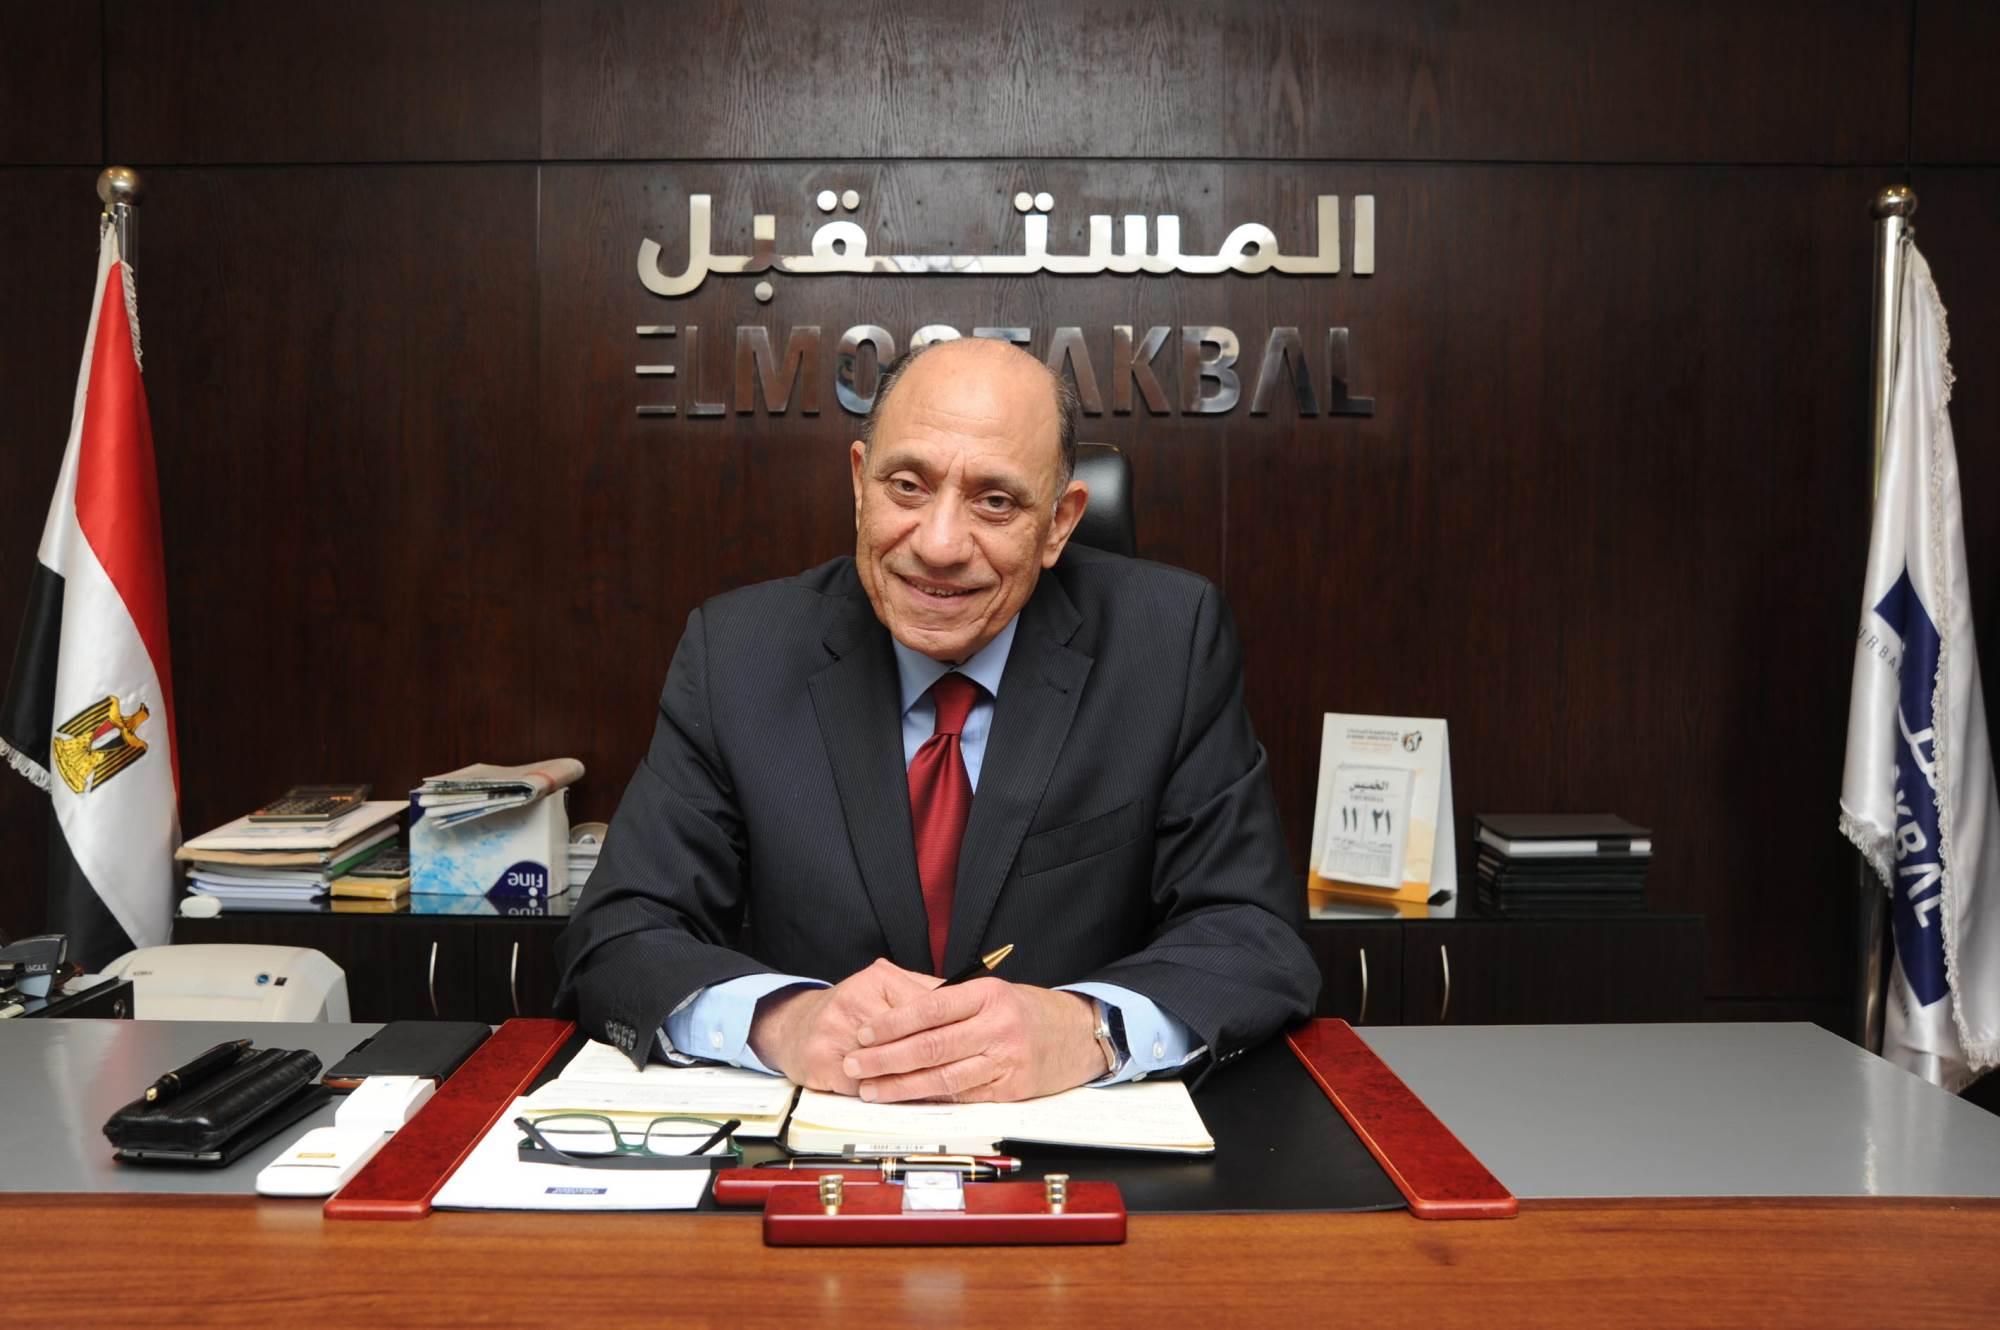 المهندس عصام ناصف -رئيس مجلس الإدارة والعضو المنتدب لشركة  المستقبل للتنمية العمرانية